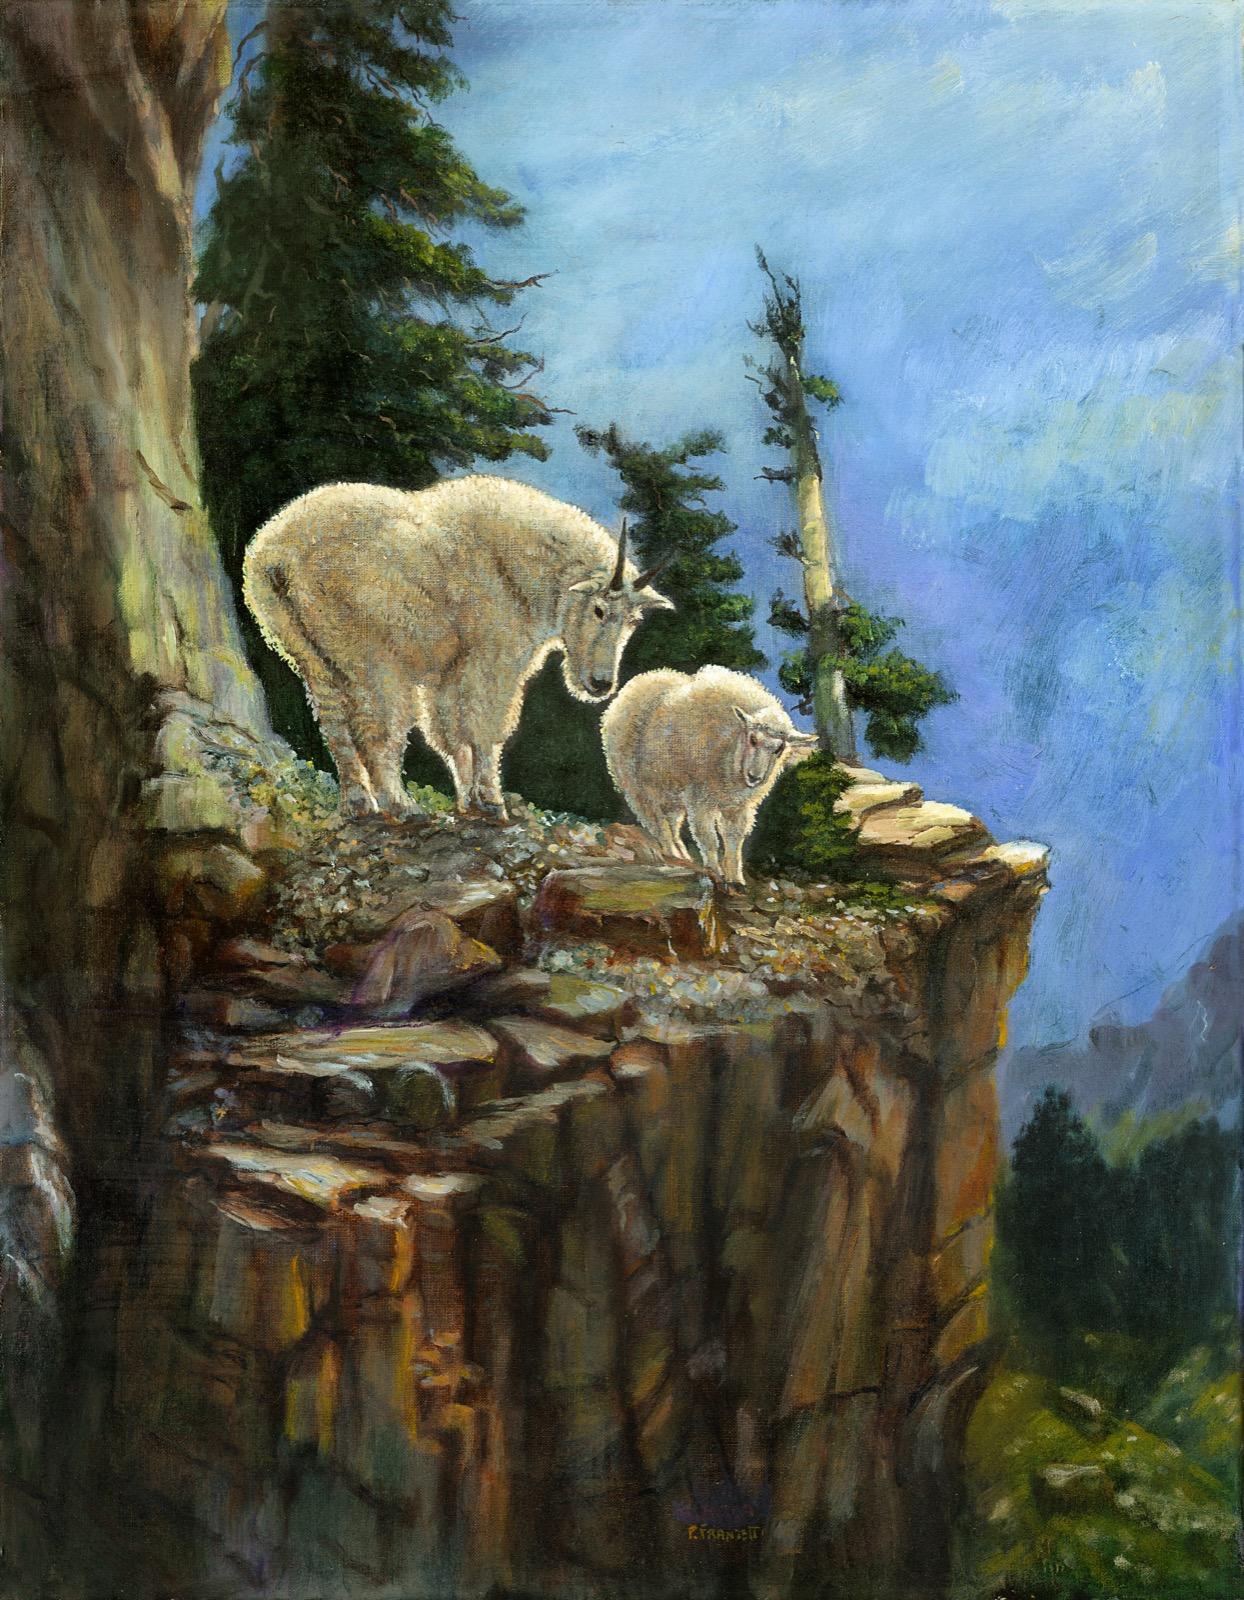 Mountain Goats_original v2.jpg